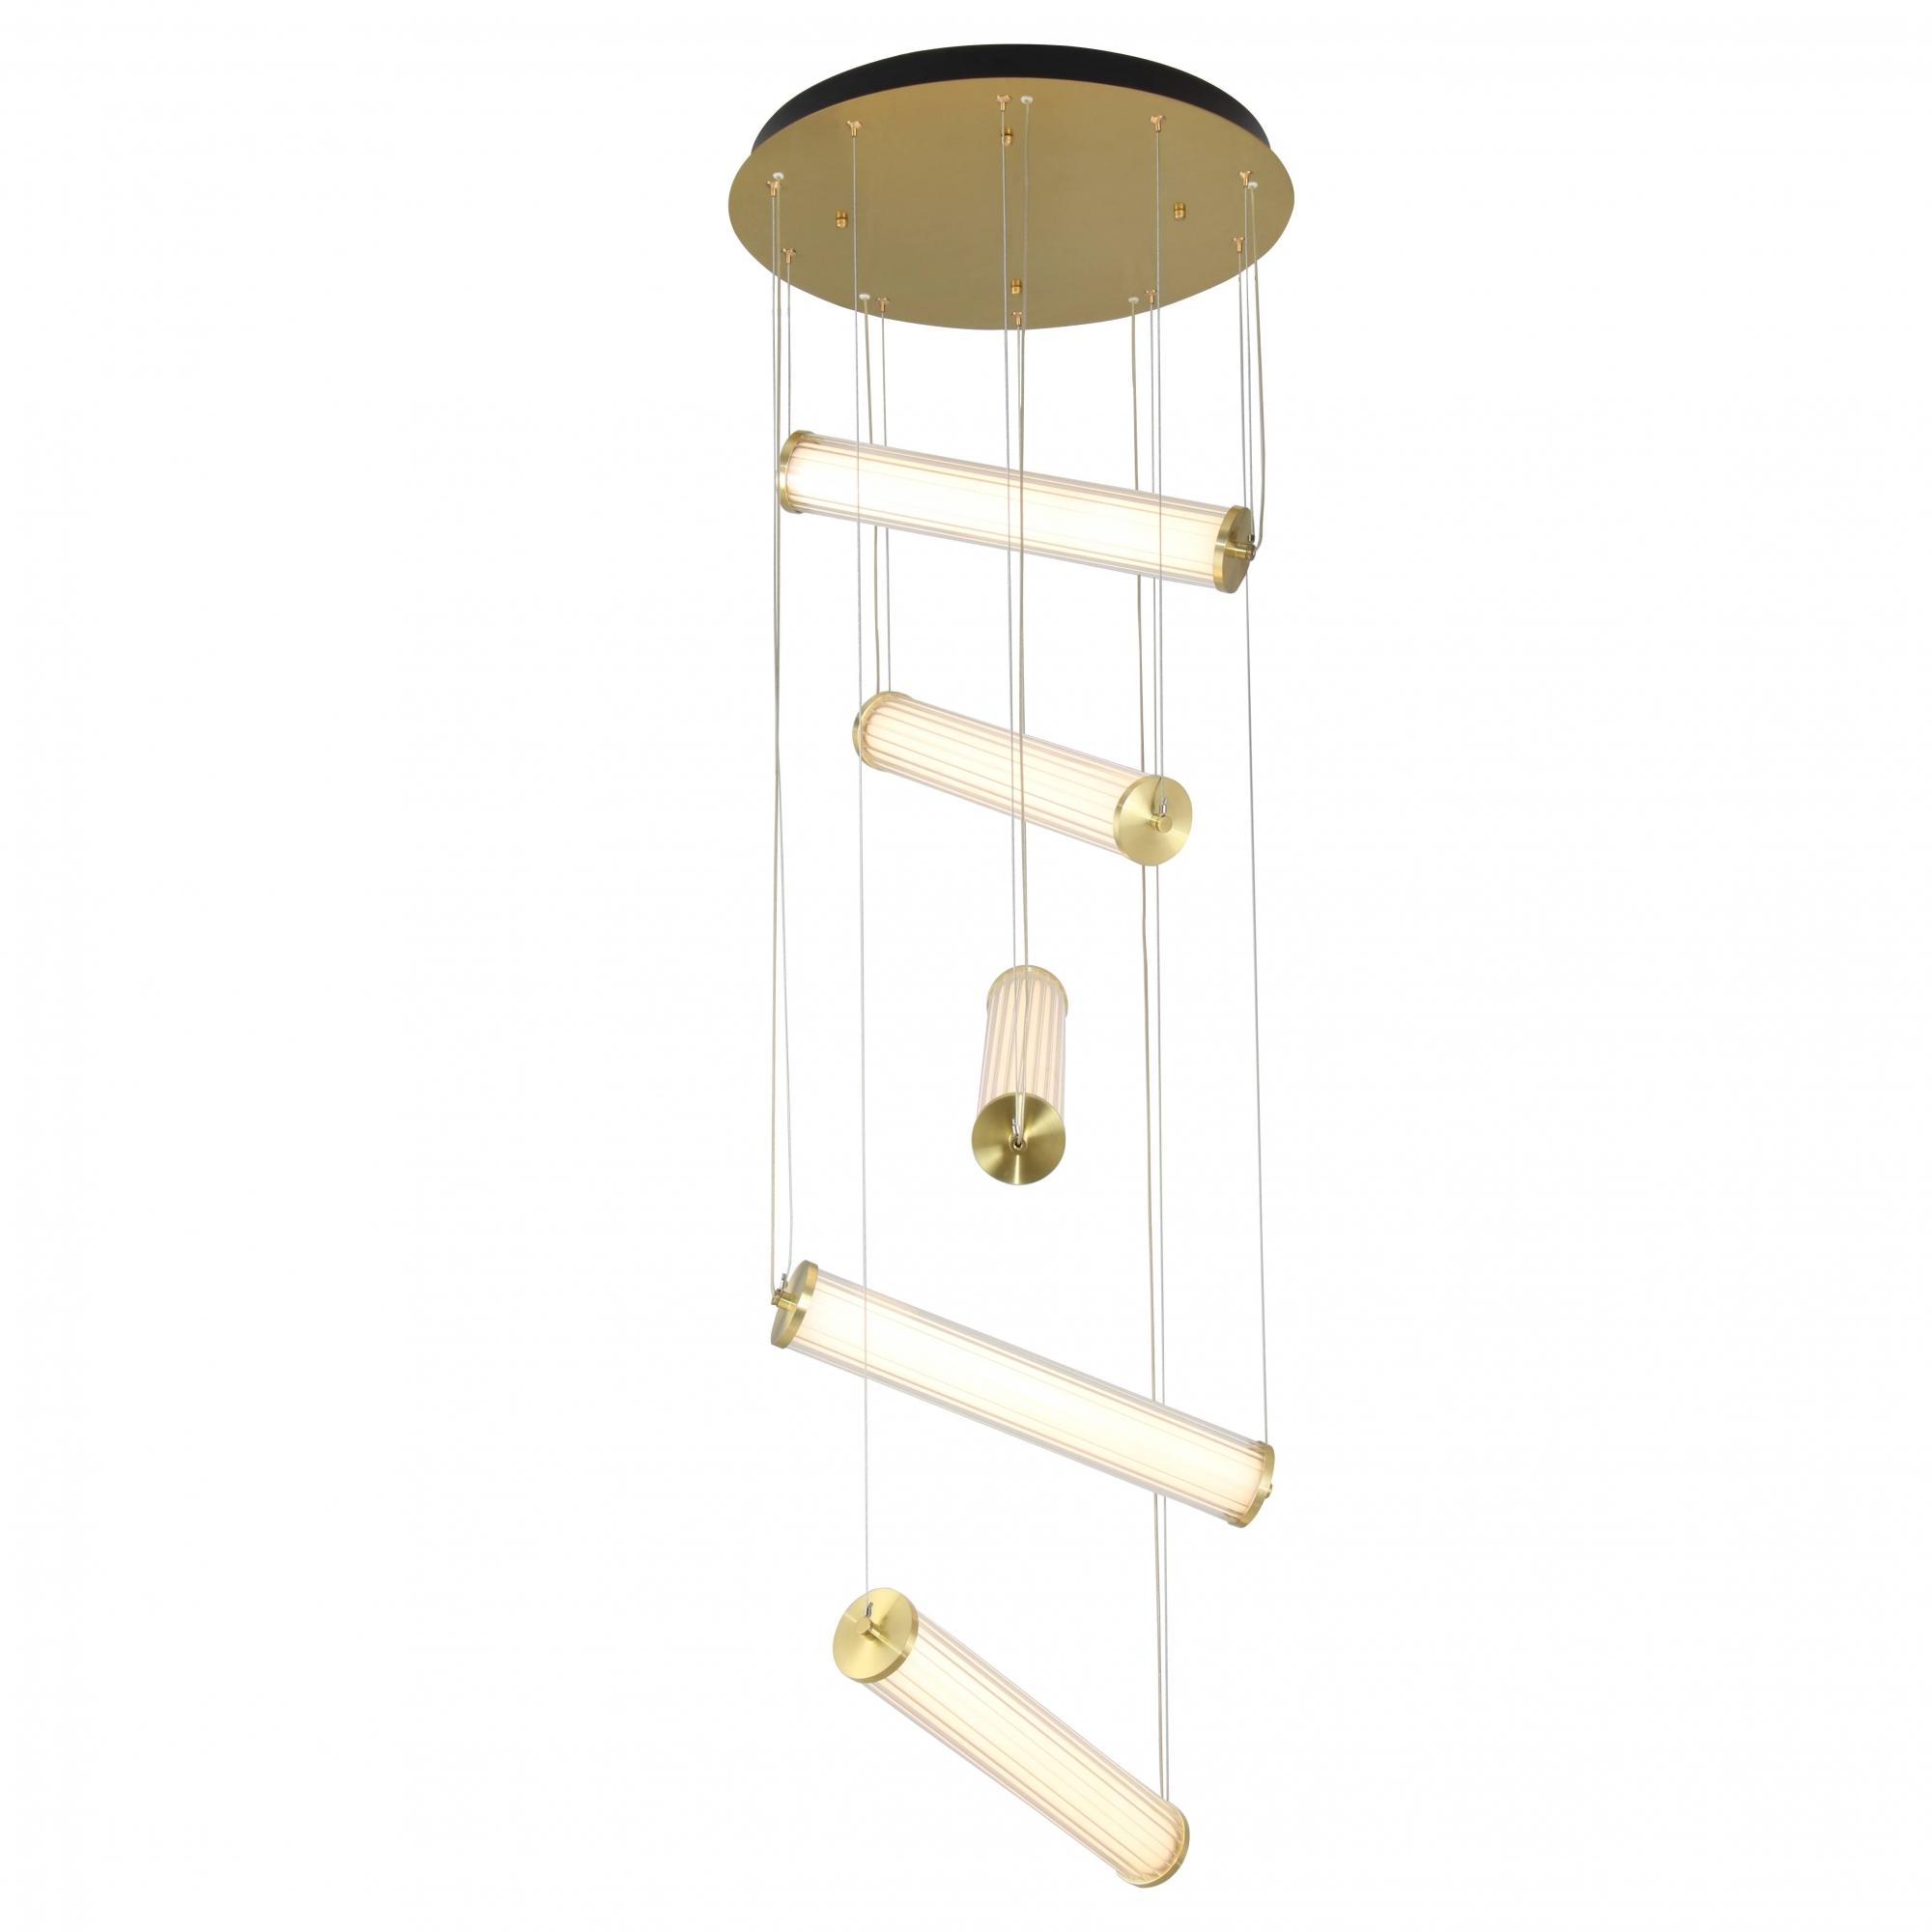 Pendente Lampe Bronze e Transparente 50x190cm 5xLed 75W Bivolt Bella Iluminação HC002